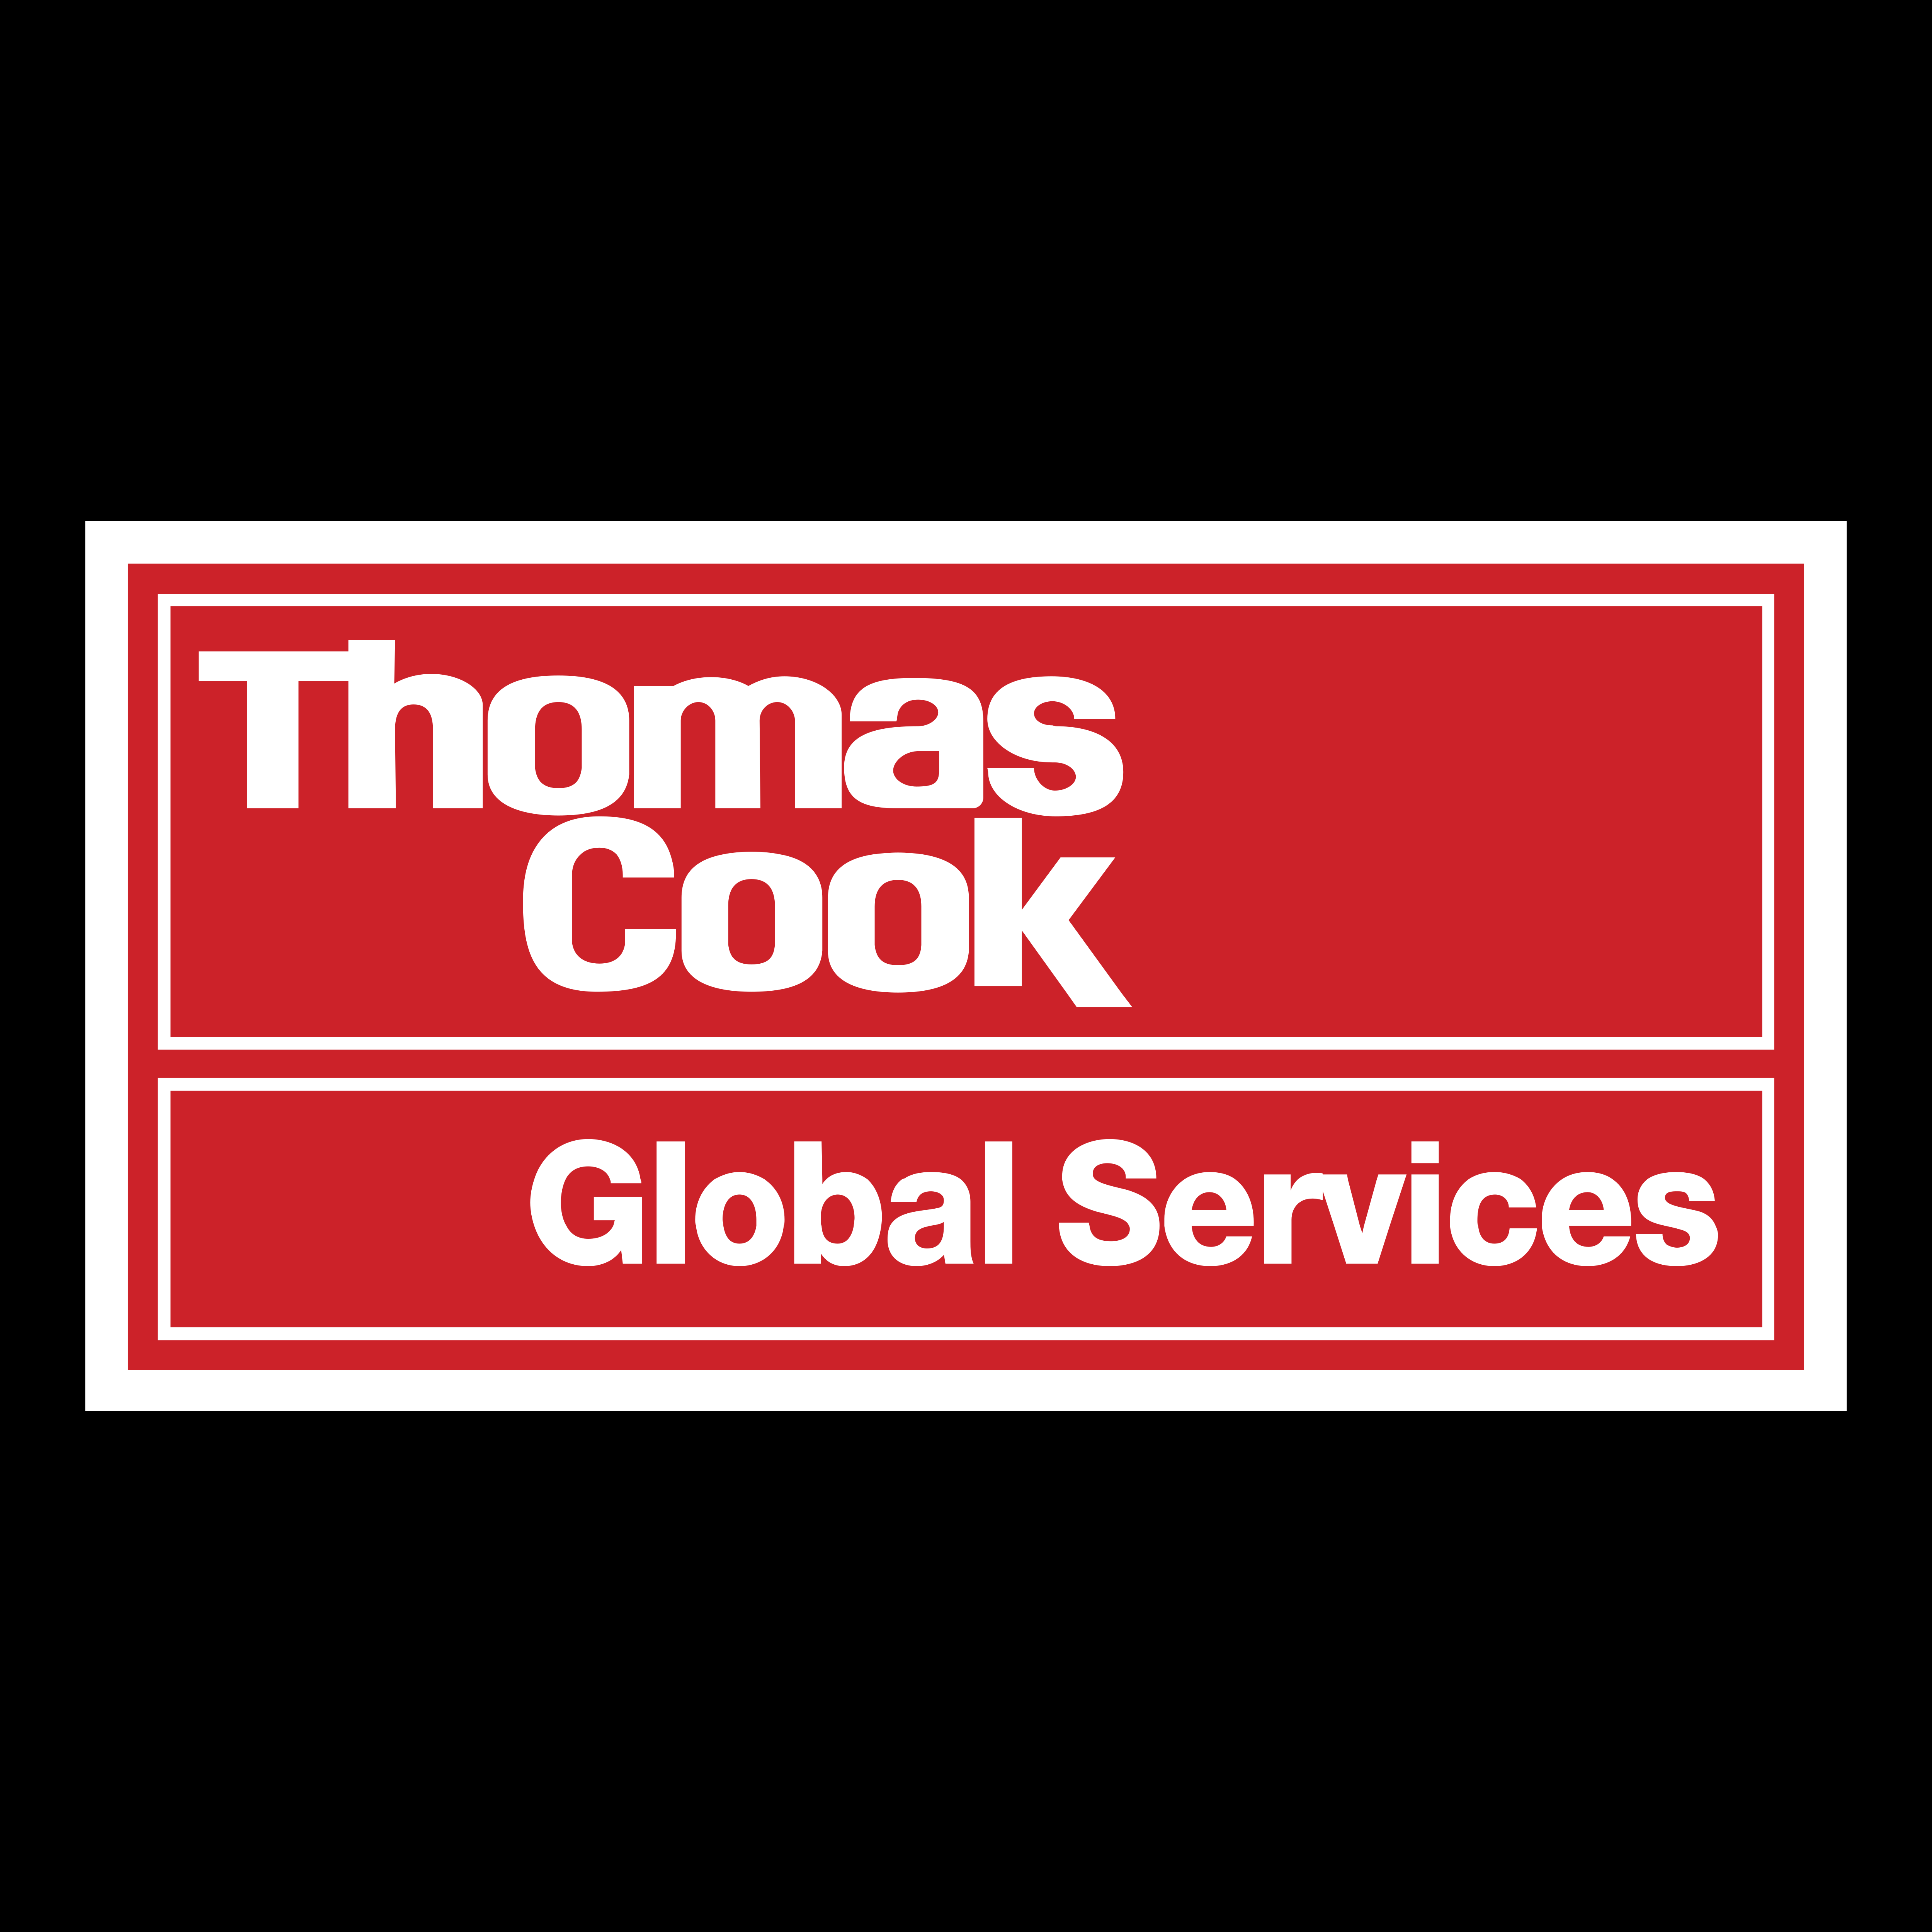 thomas cook � logos download